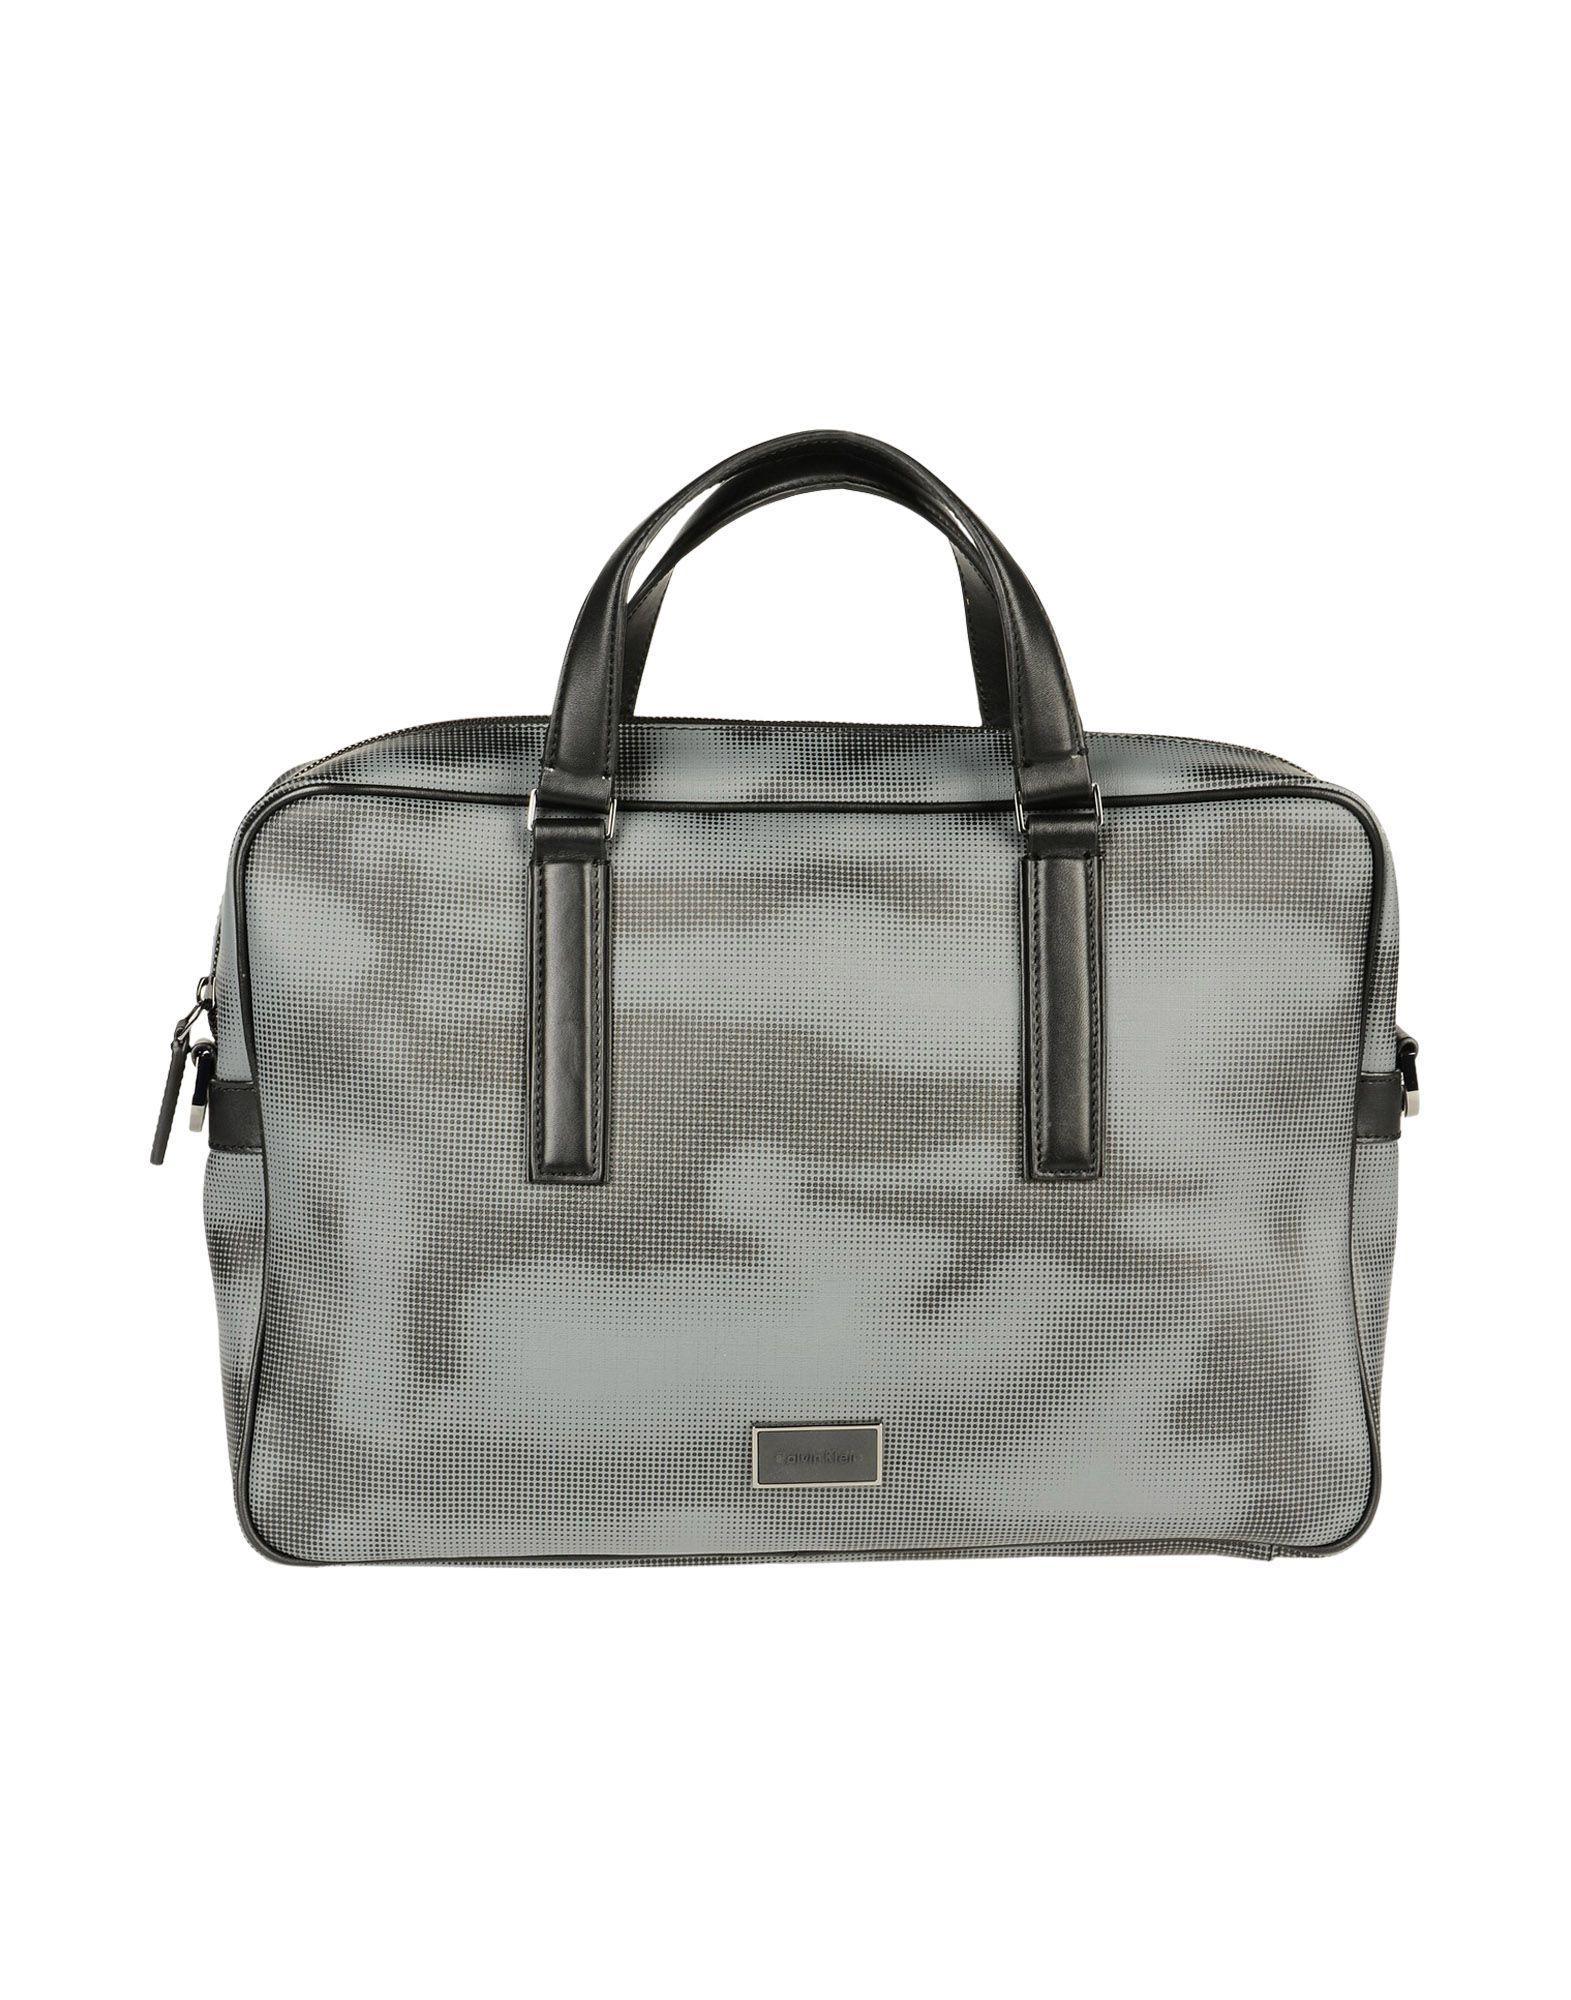 Calvin Klein Work Bags In Lead